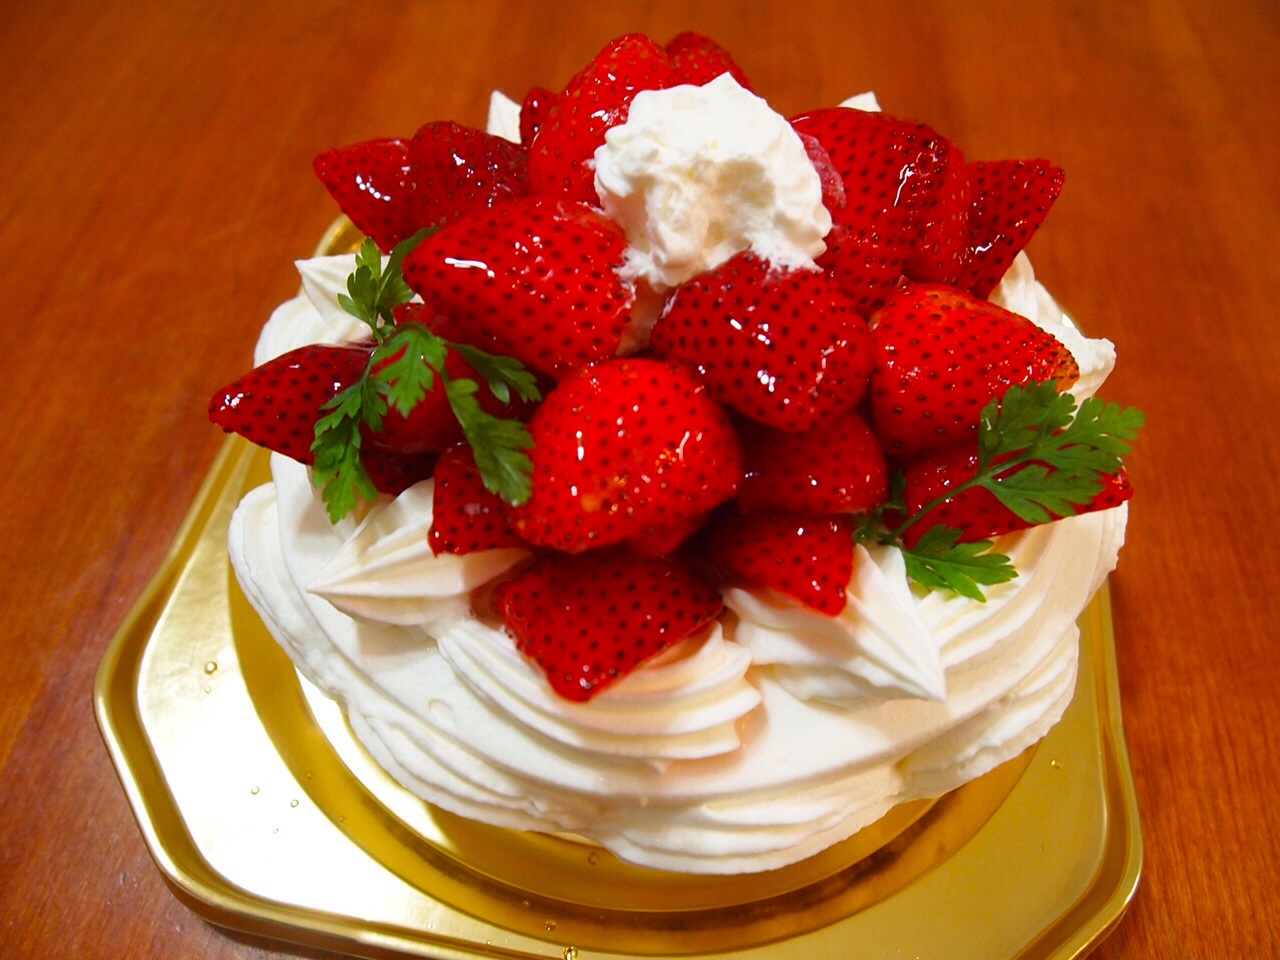 土瓶蒸しとBDケーキと_a0258686_7562565.jpg